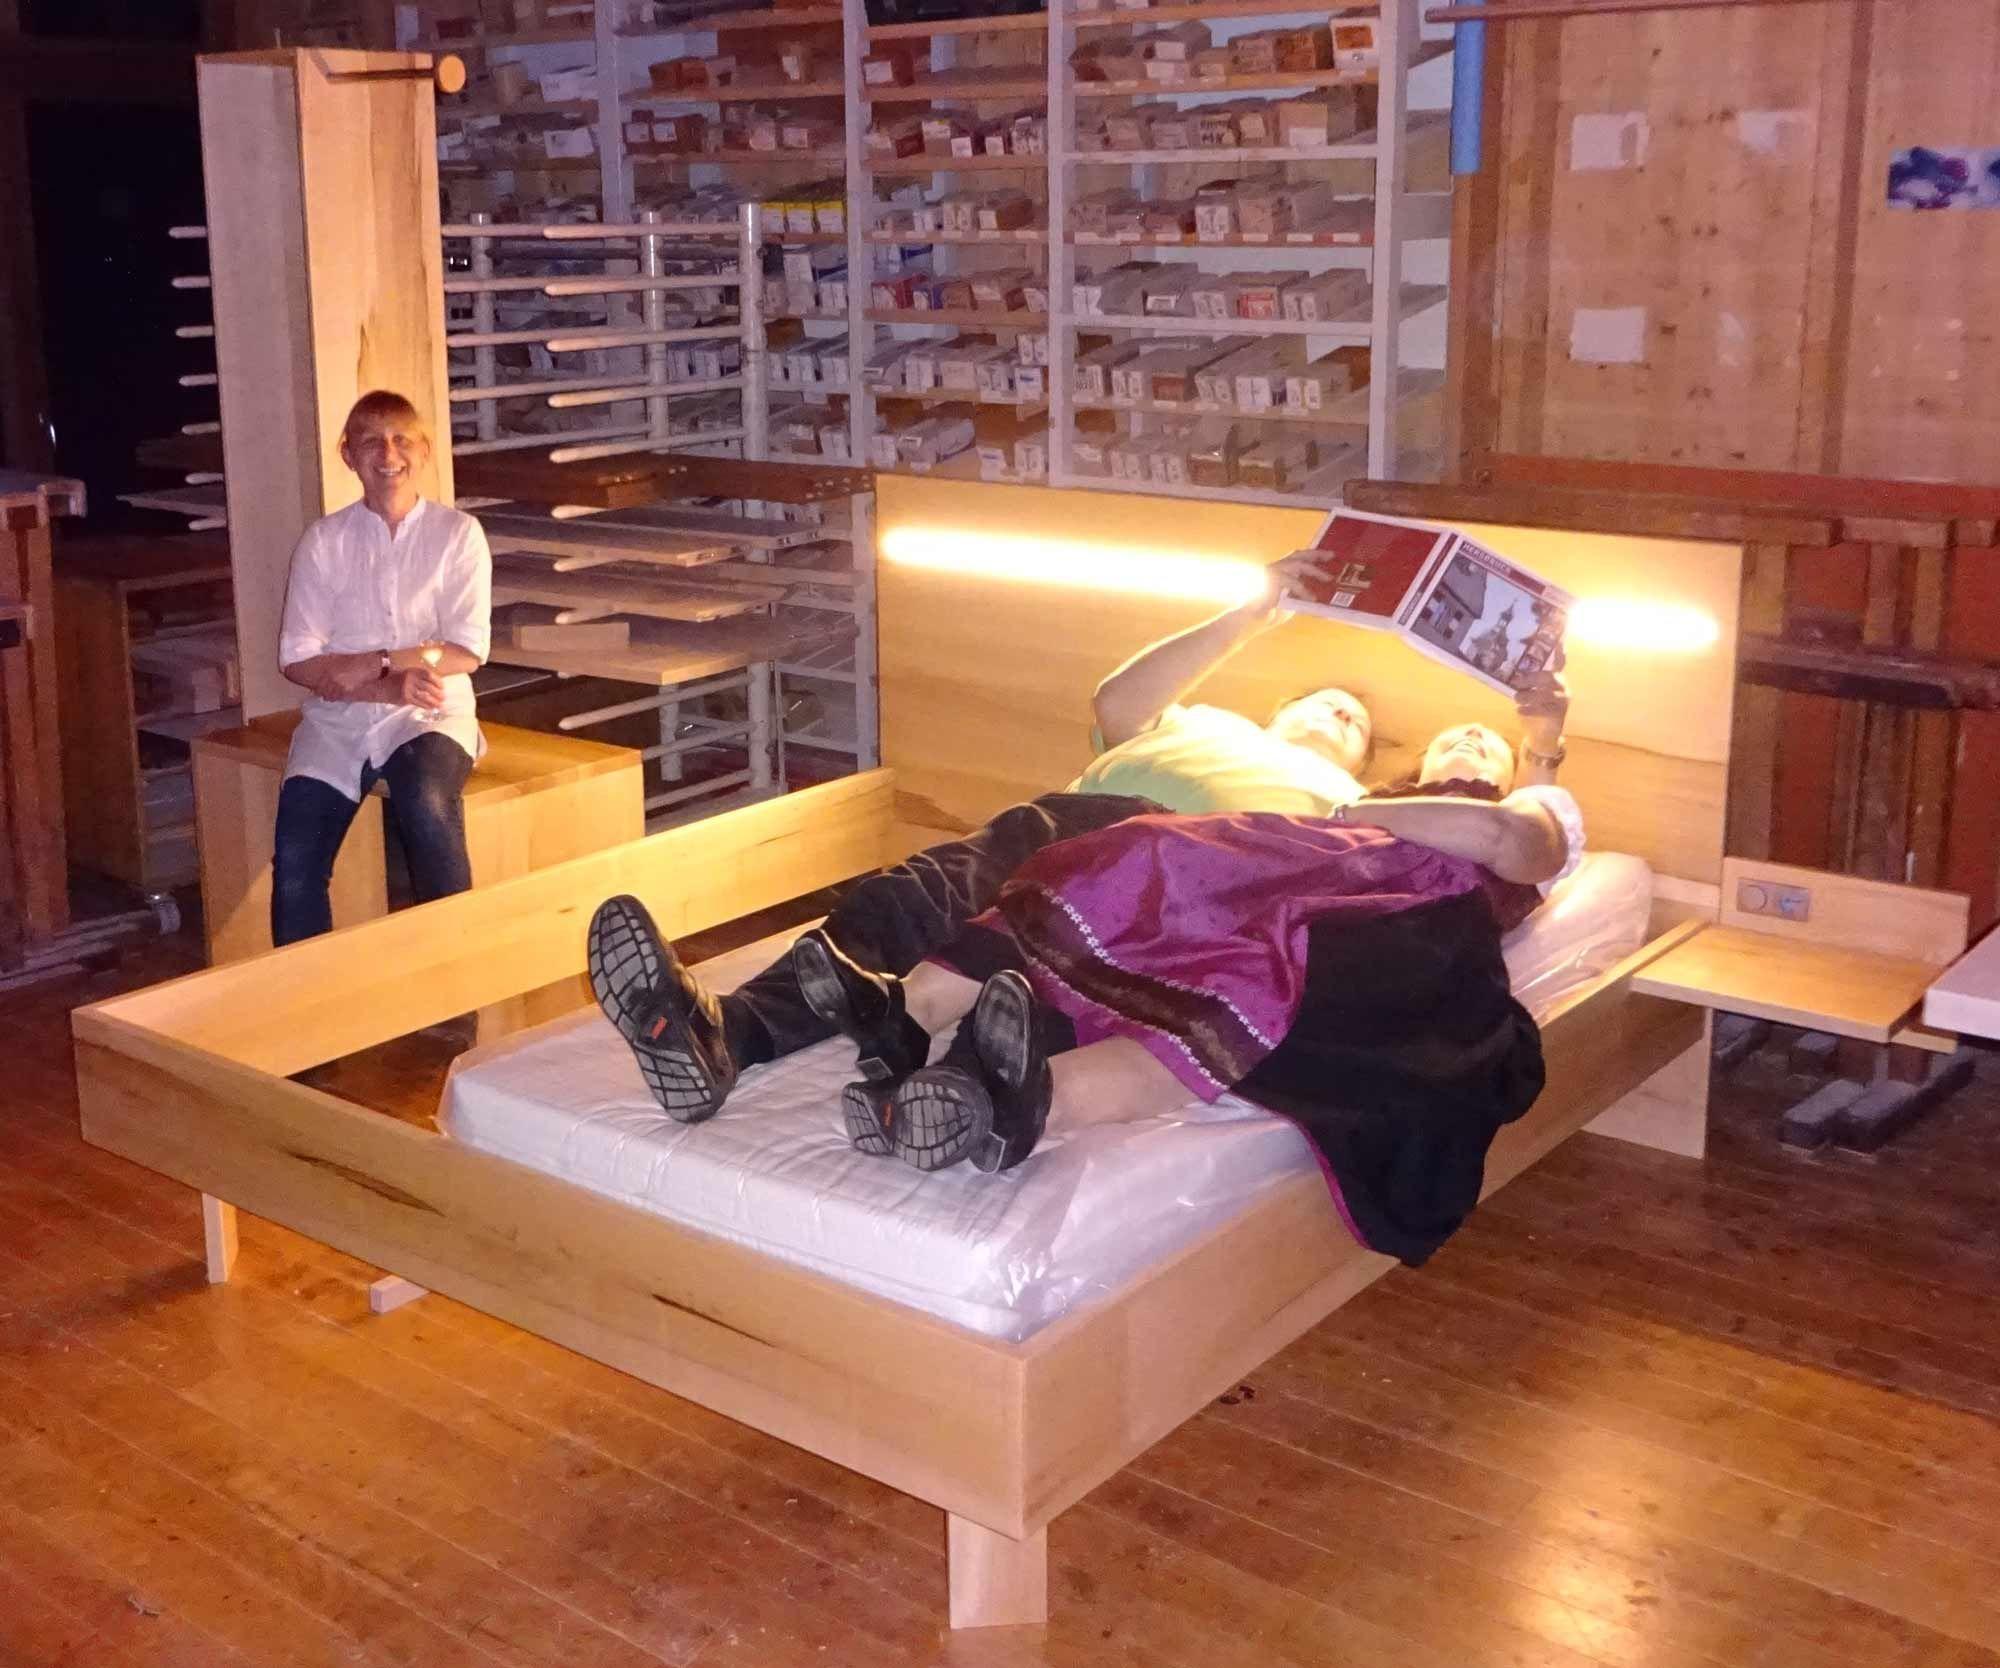 Die Möbelmacher hotelzimmertest in der werkstatt mit dem prototyp newsletter 103